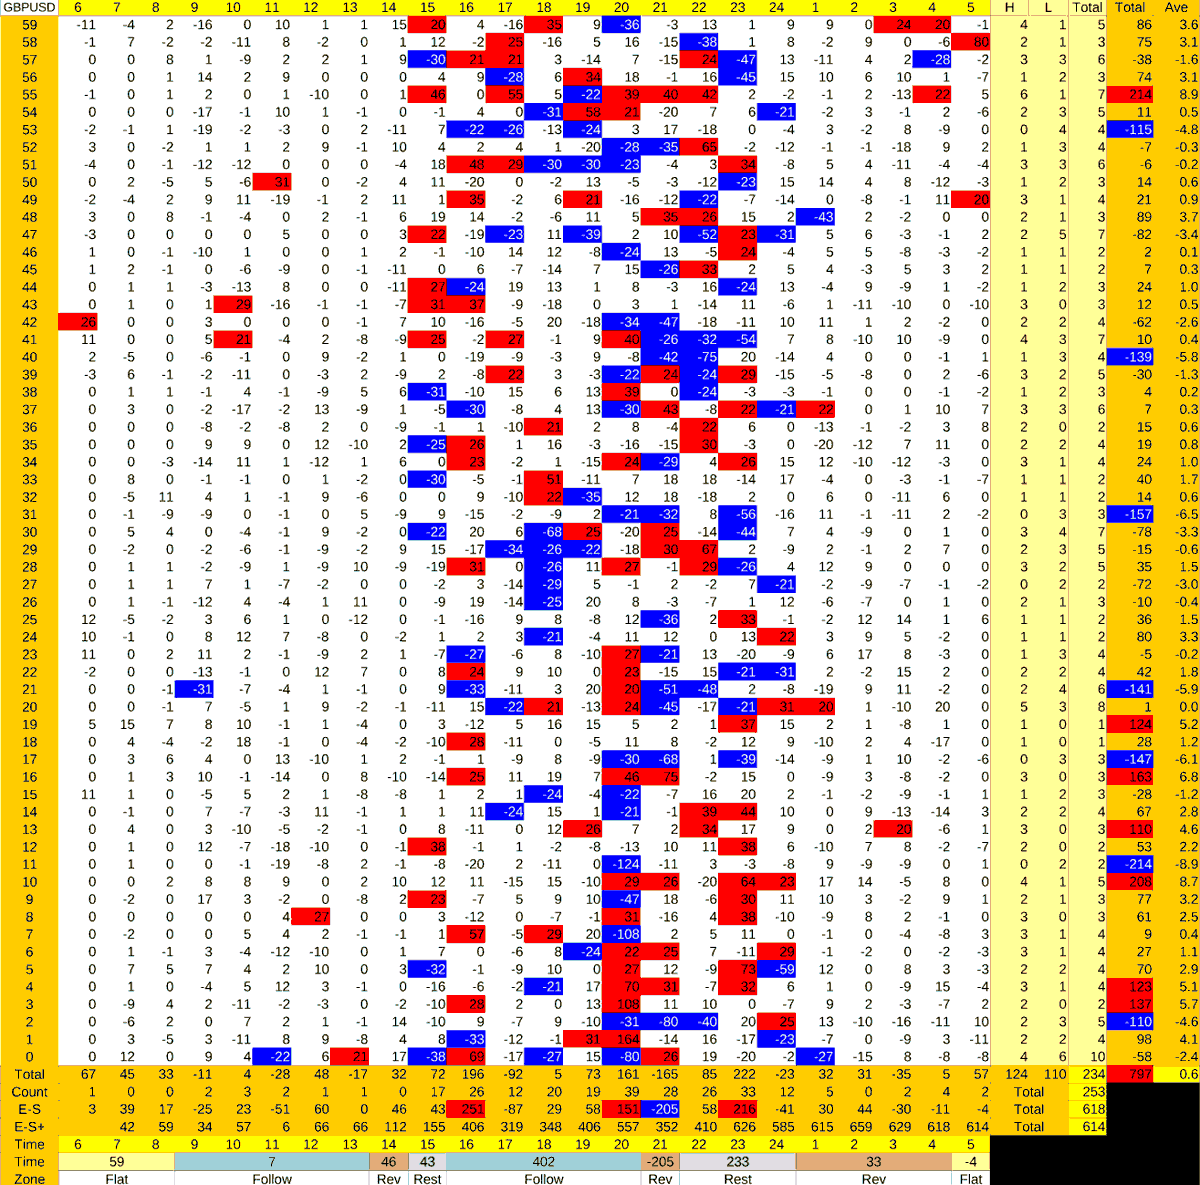 20210805_HS(2)GBPUSD-min